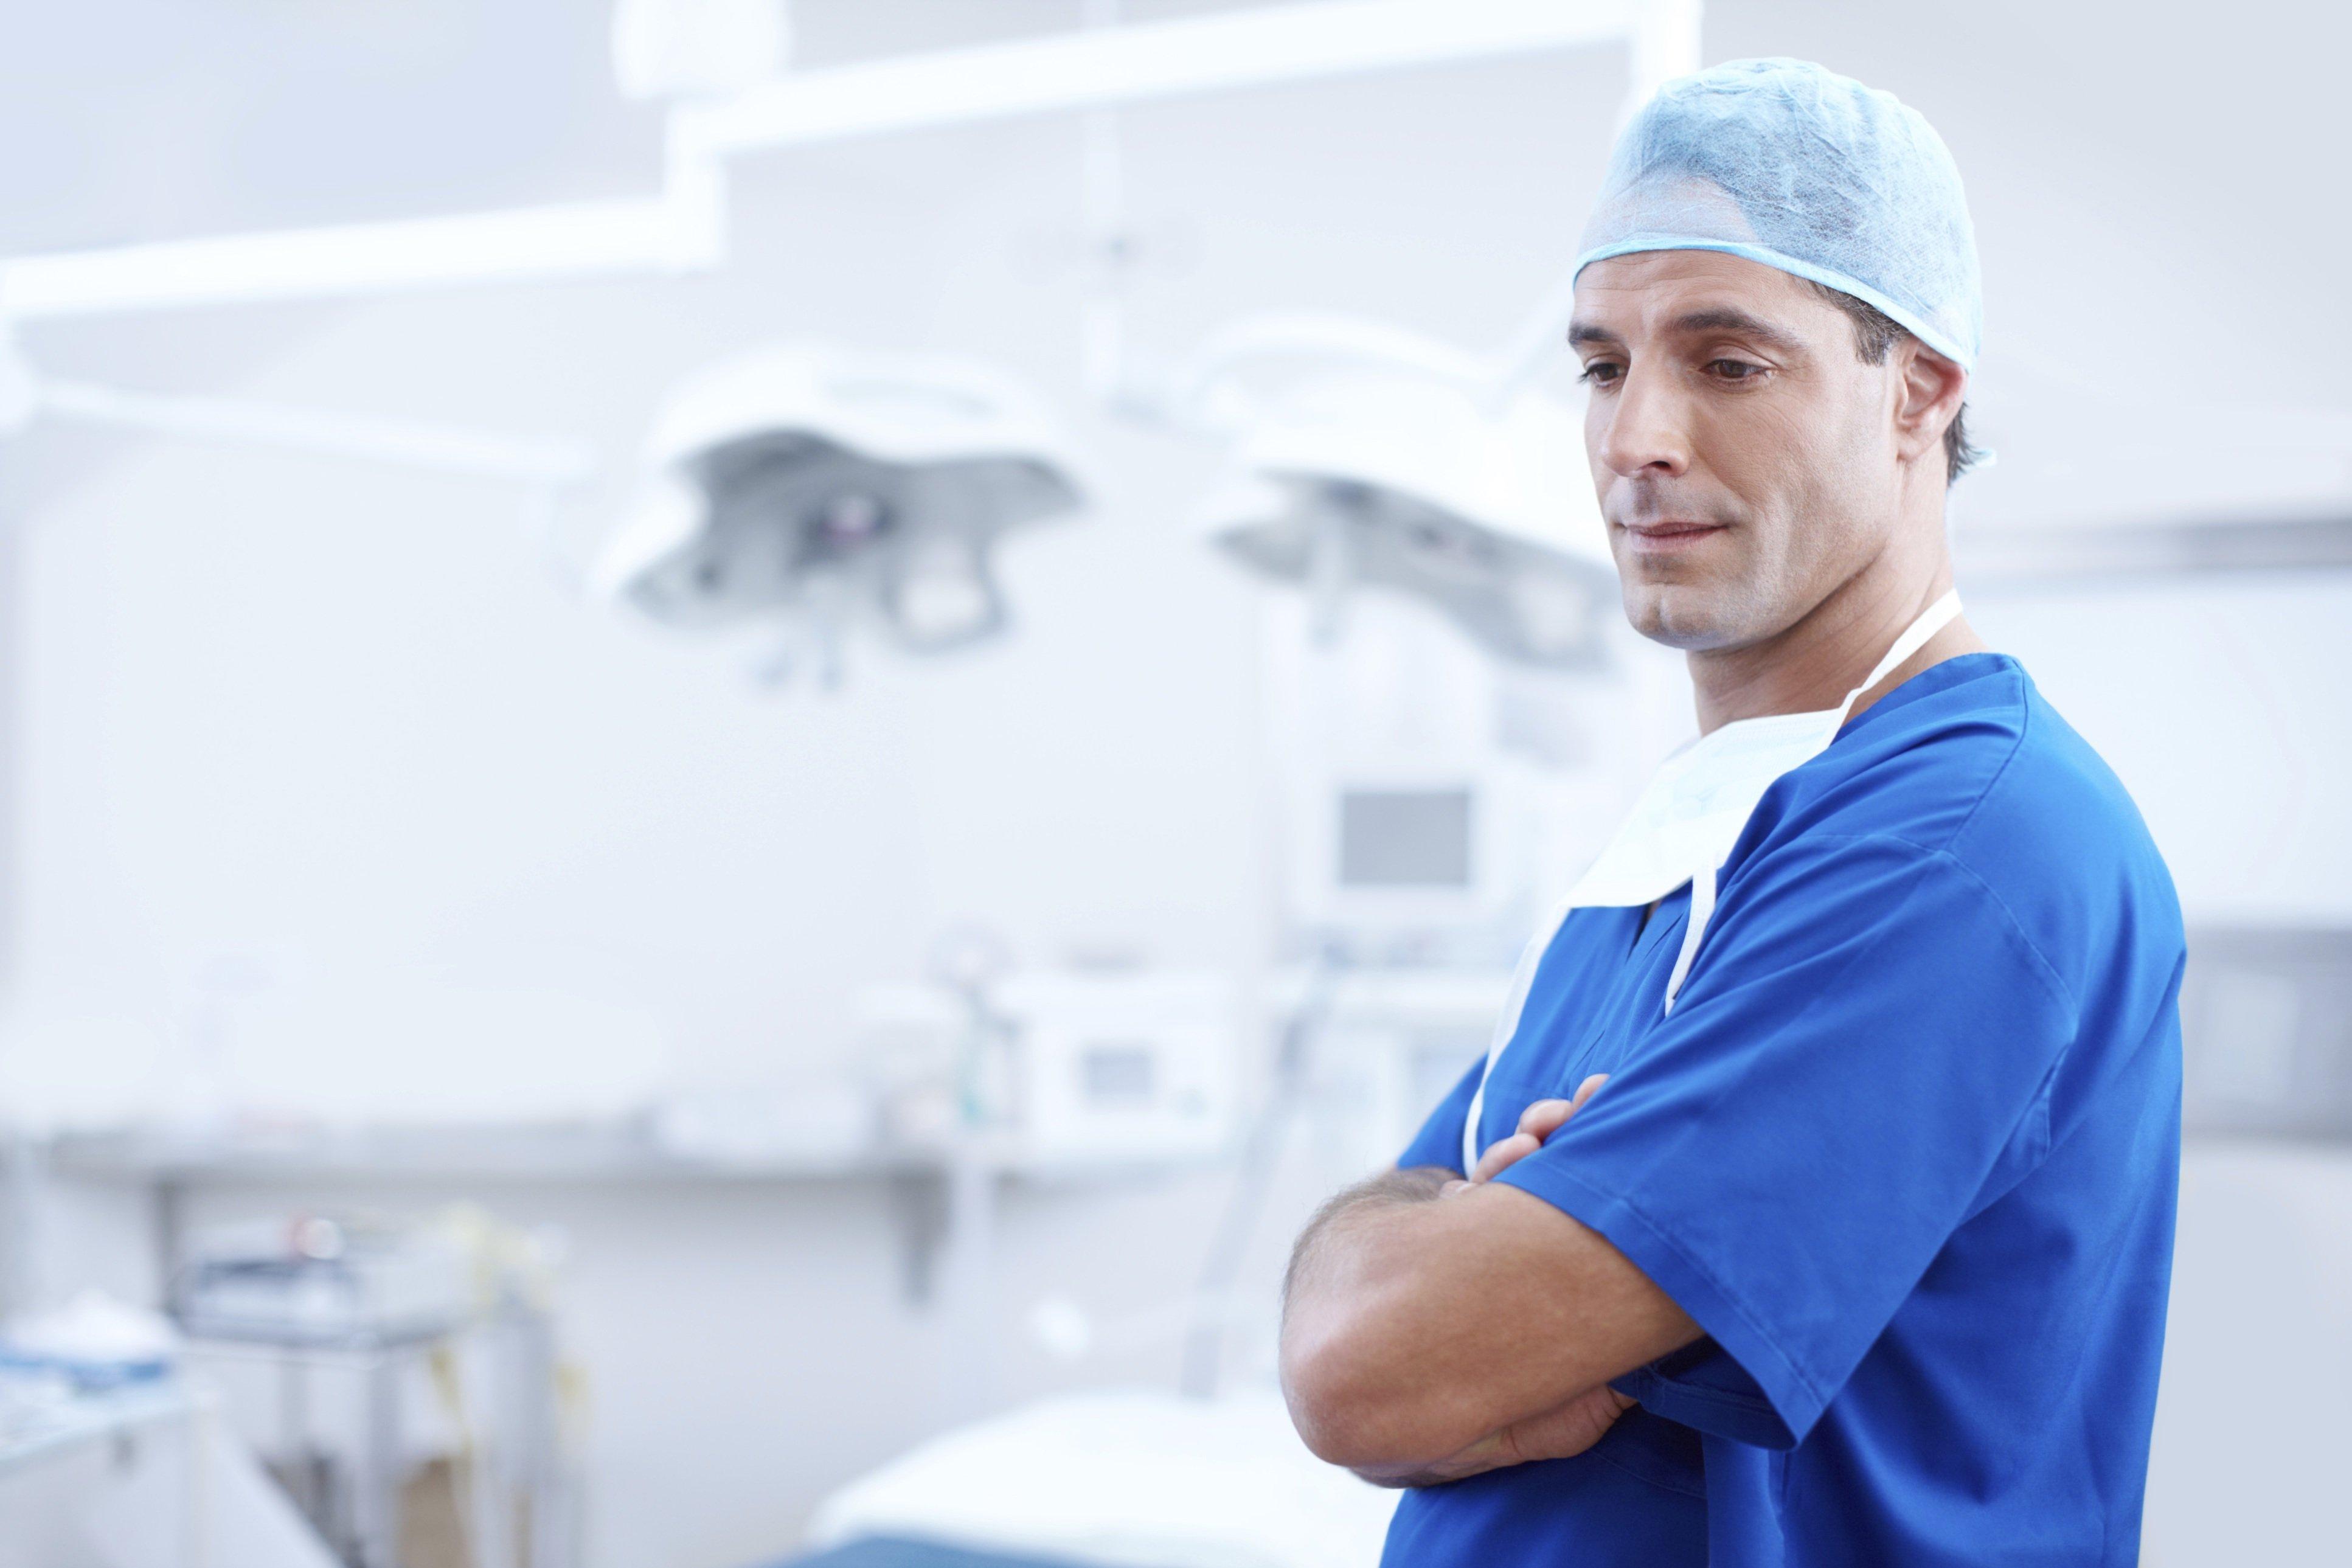 come cambia il settore degli studi dentistici